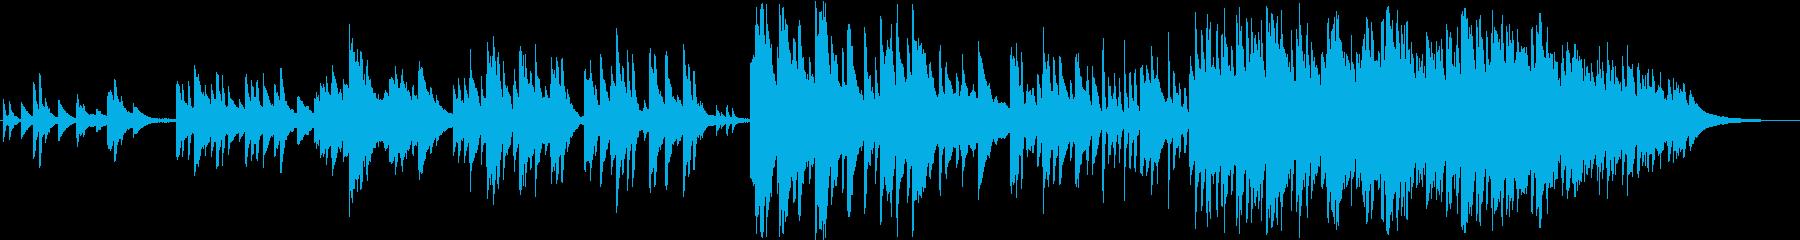 切なく幻想的なイメージのピアノ曲の再生済みの波形